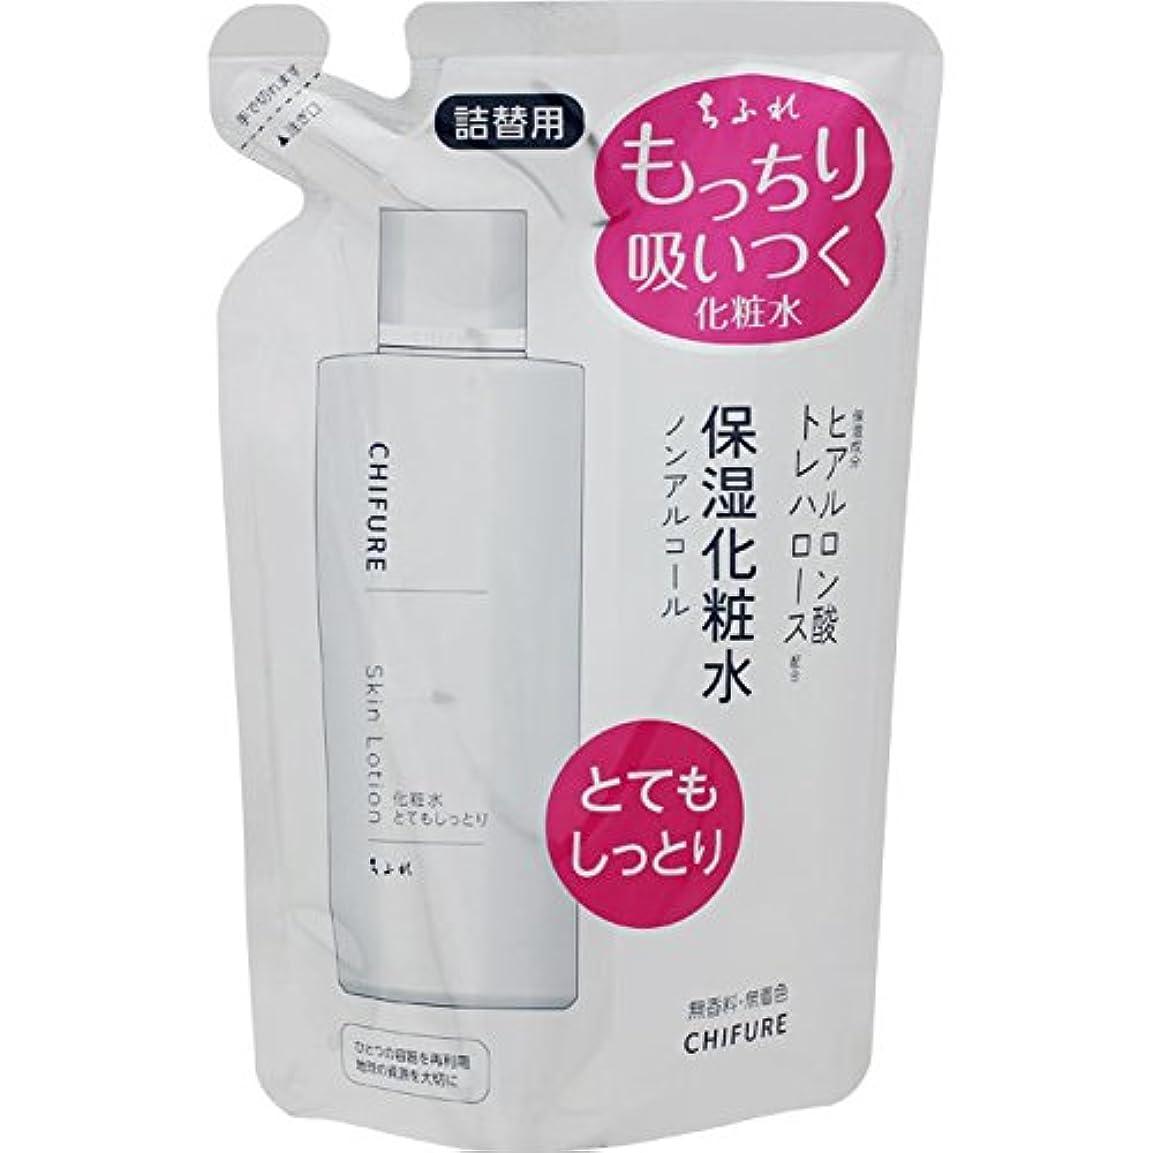 バイオリン航空ハムちふれ化粧品 化粧水 とてもしっとりタイプ 詰替用 150ML